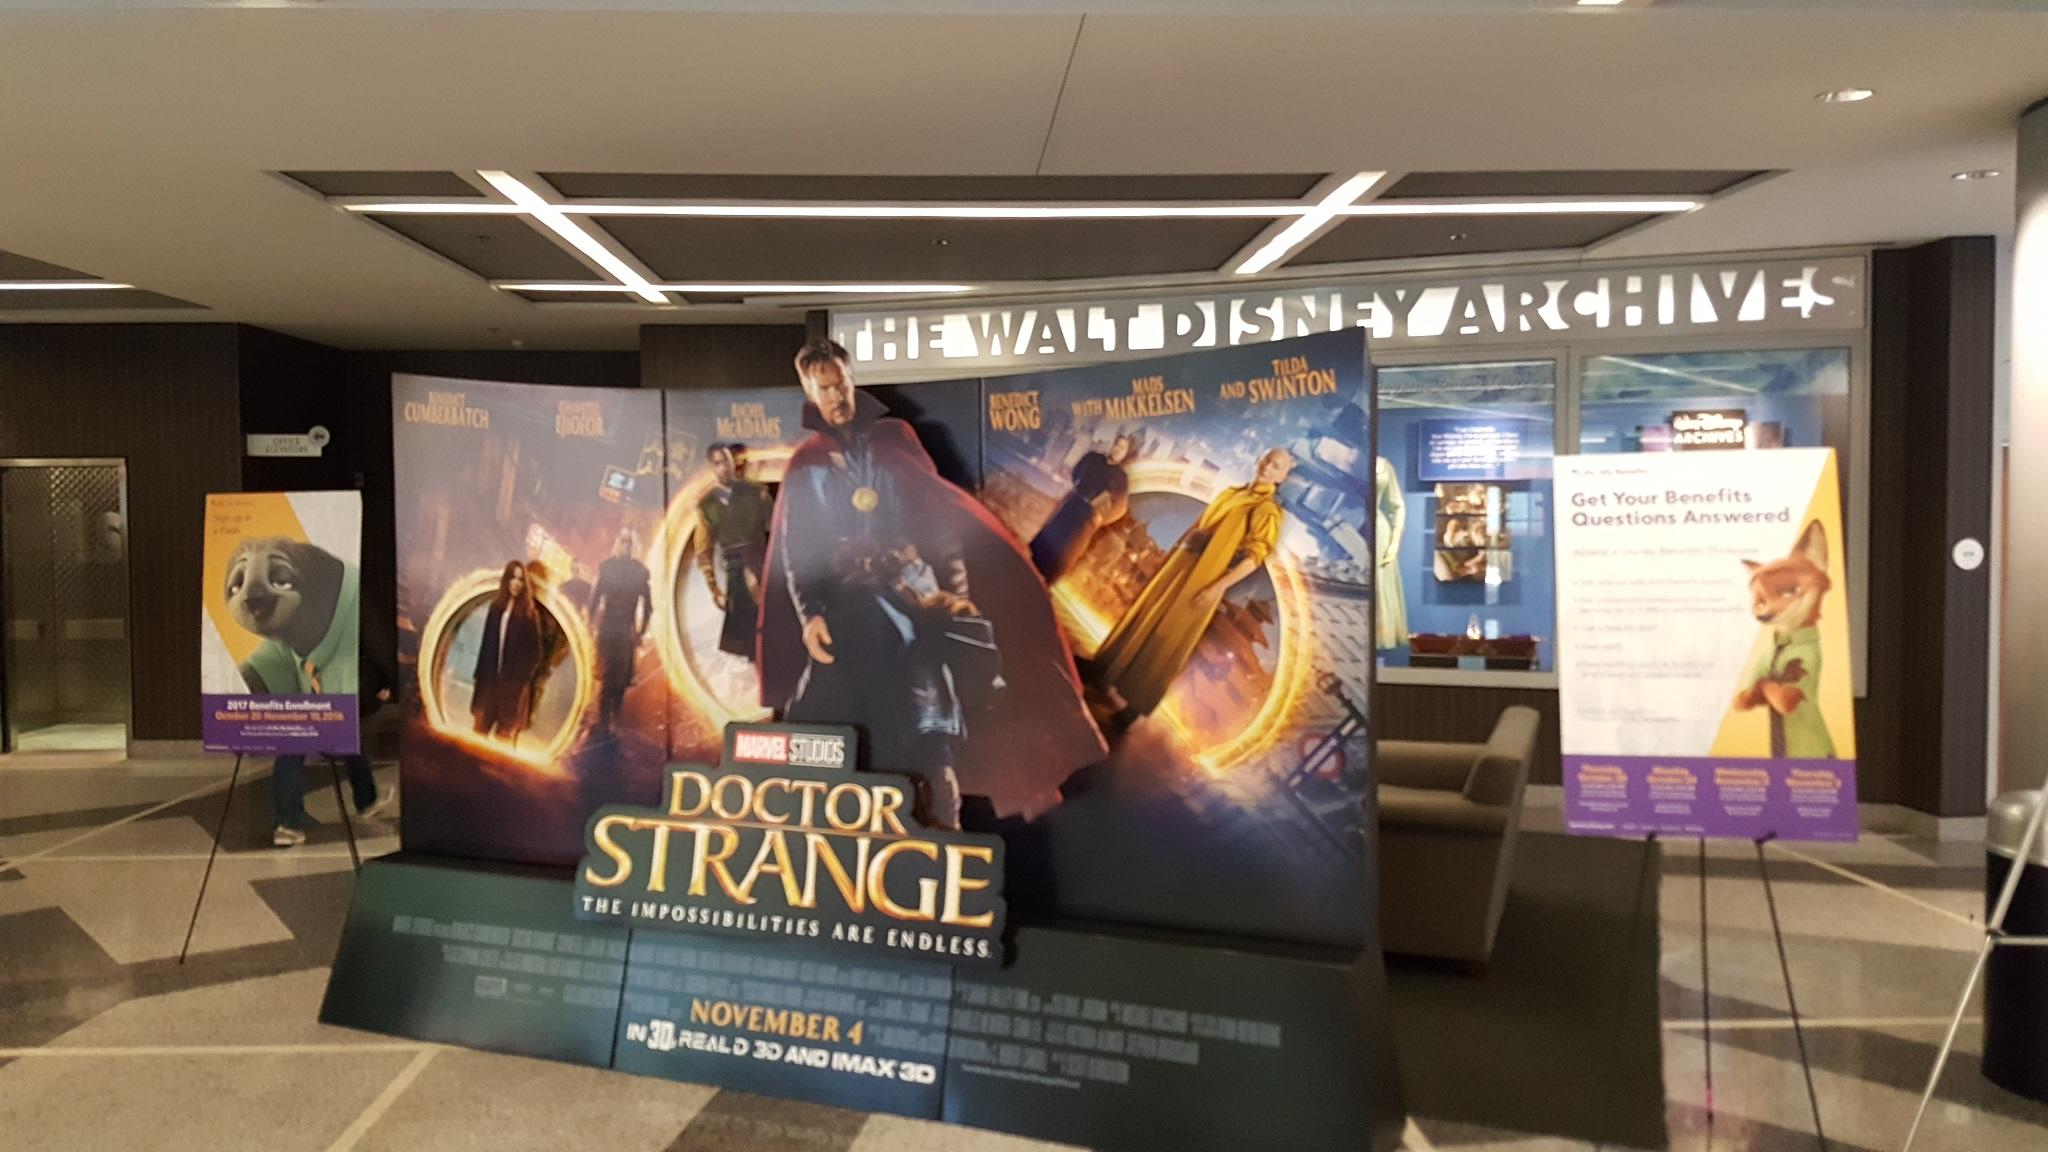 Doctor Strange Movie Film #DoctorStrangeEvent